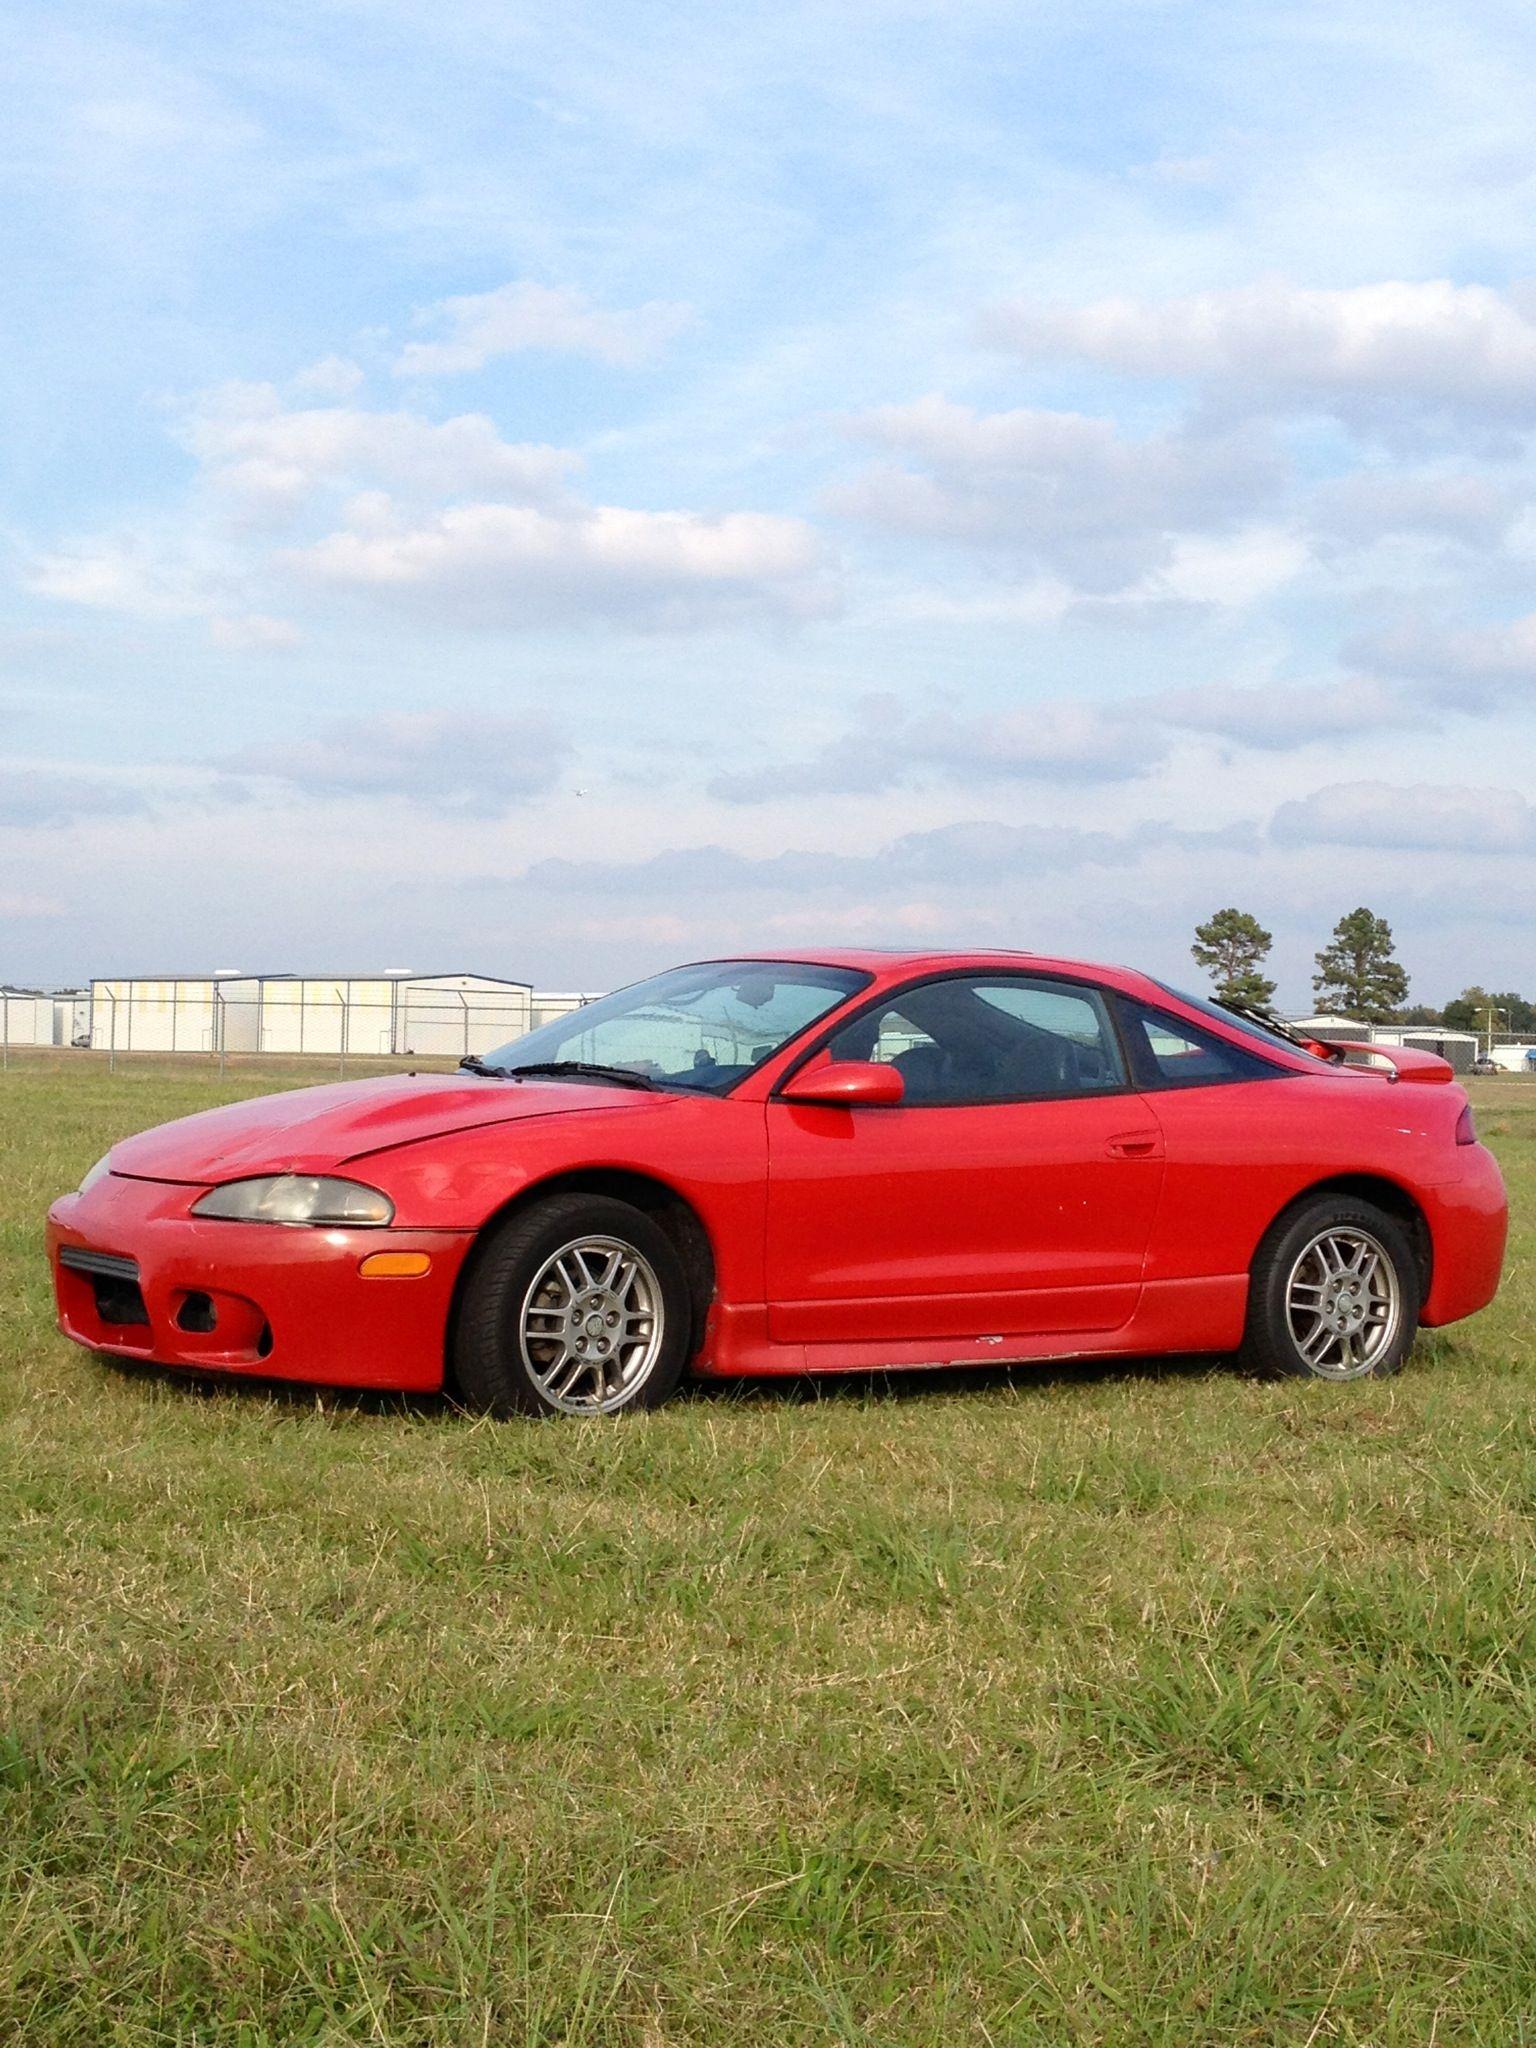 My 1999 Mitsubishi Eclipse